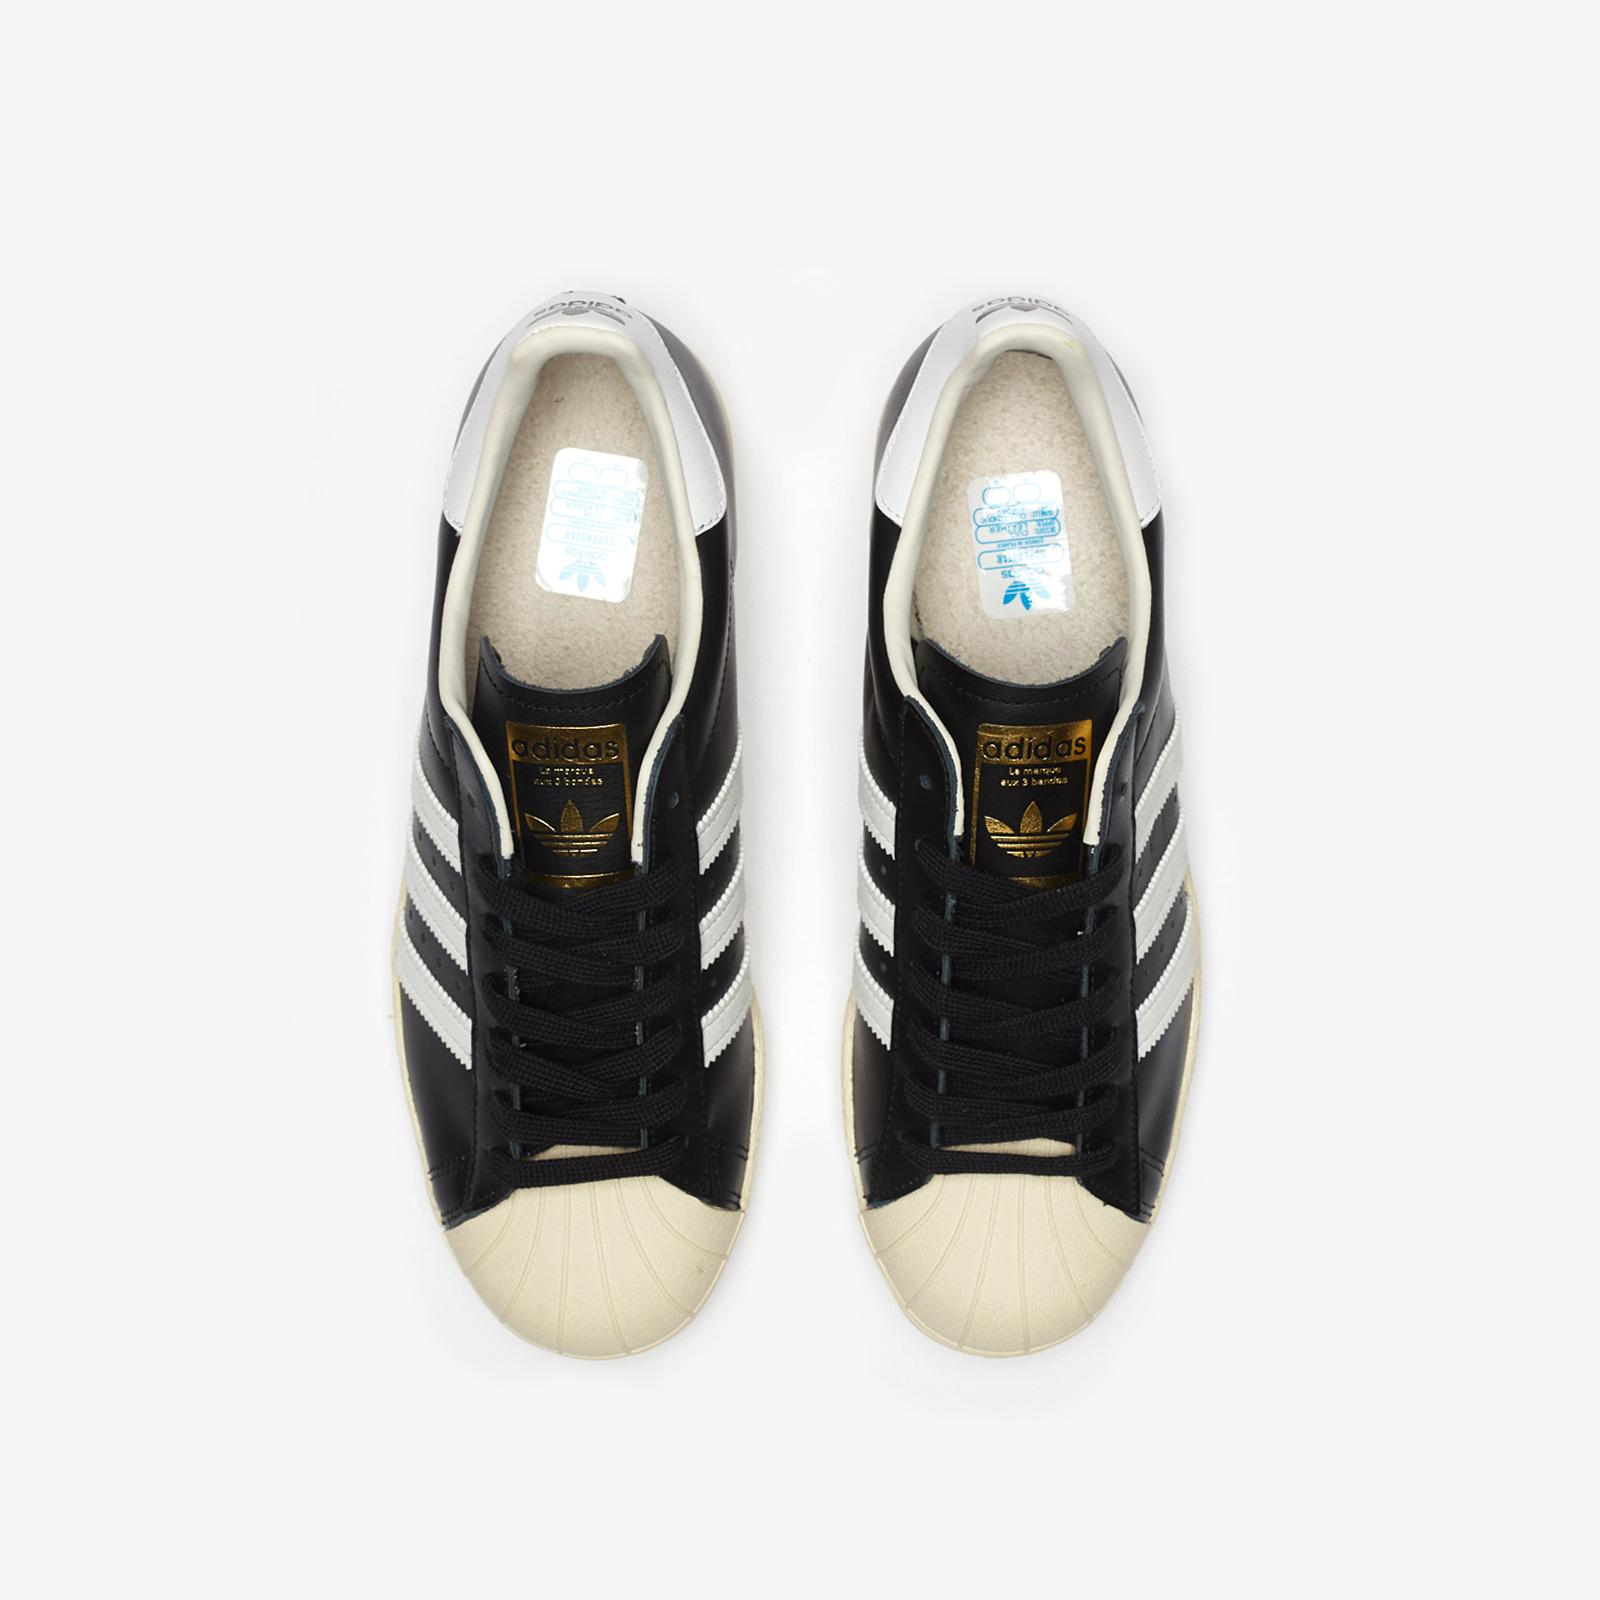 adidas Superstar 80s G61069 Sneakersnstuff I Sneakers